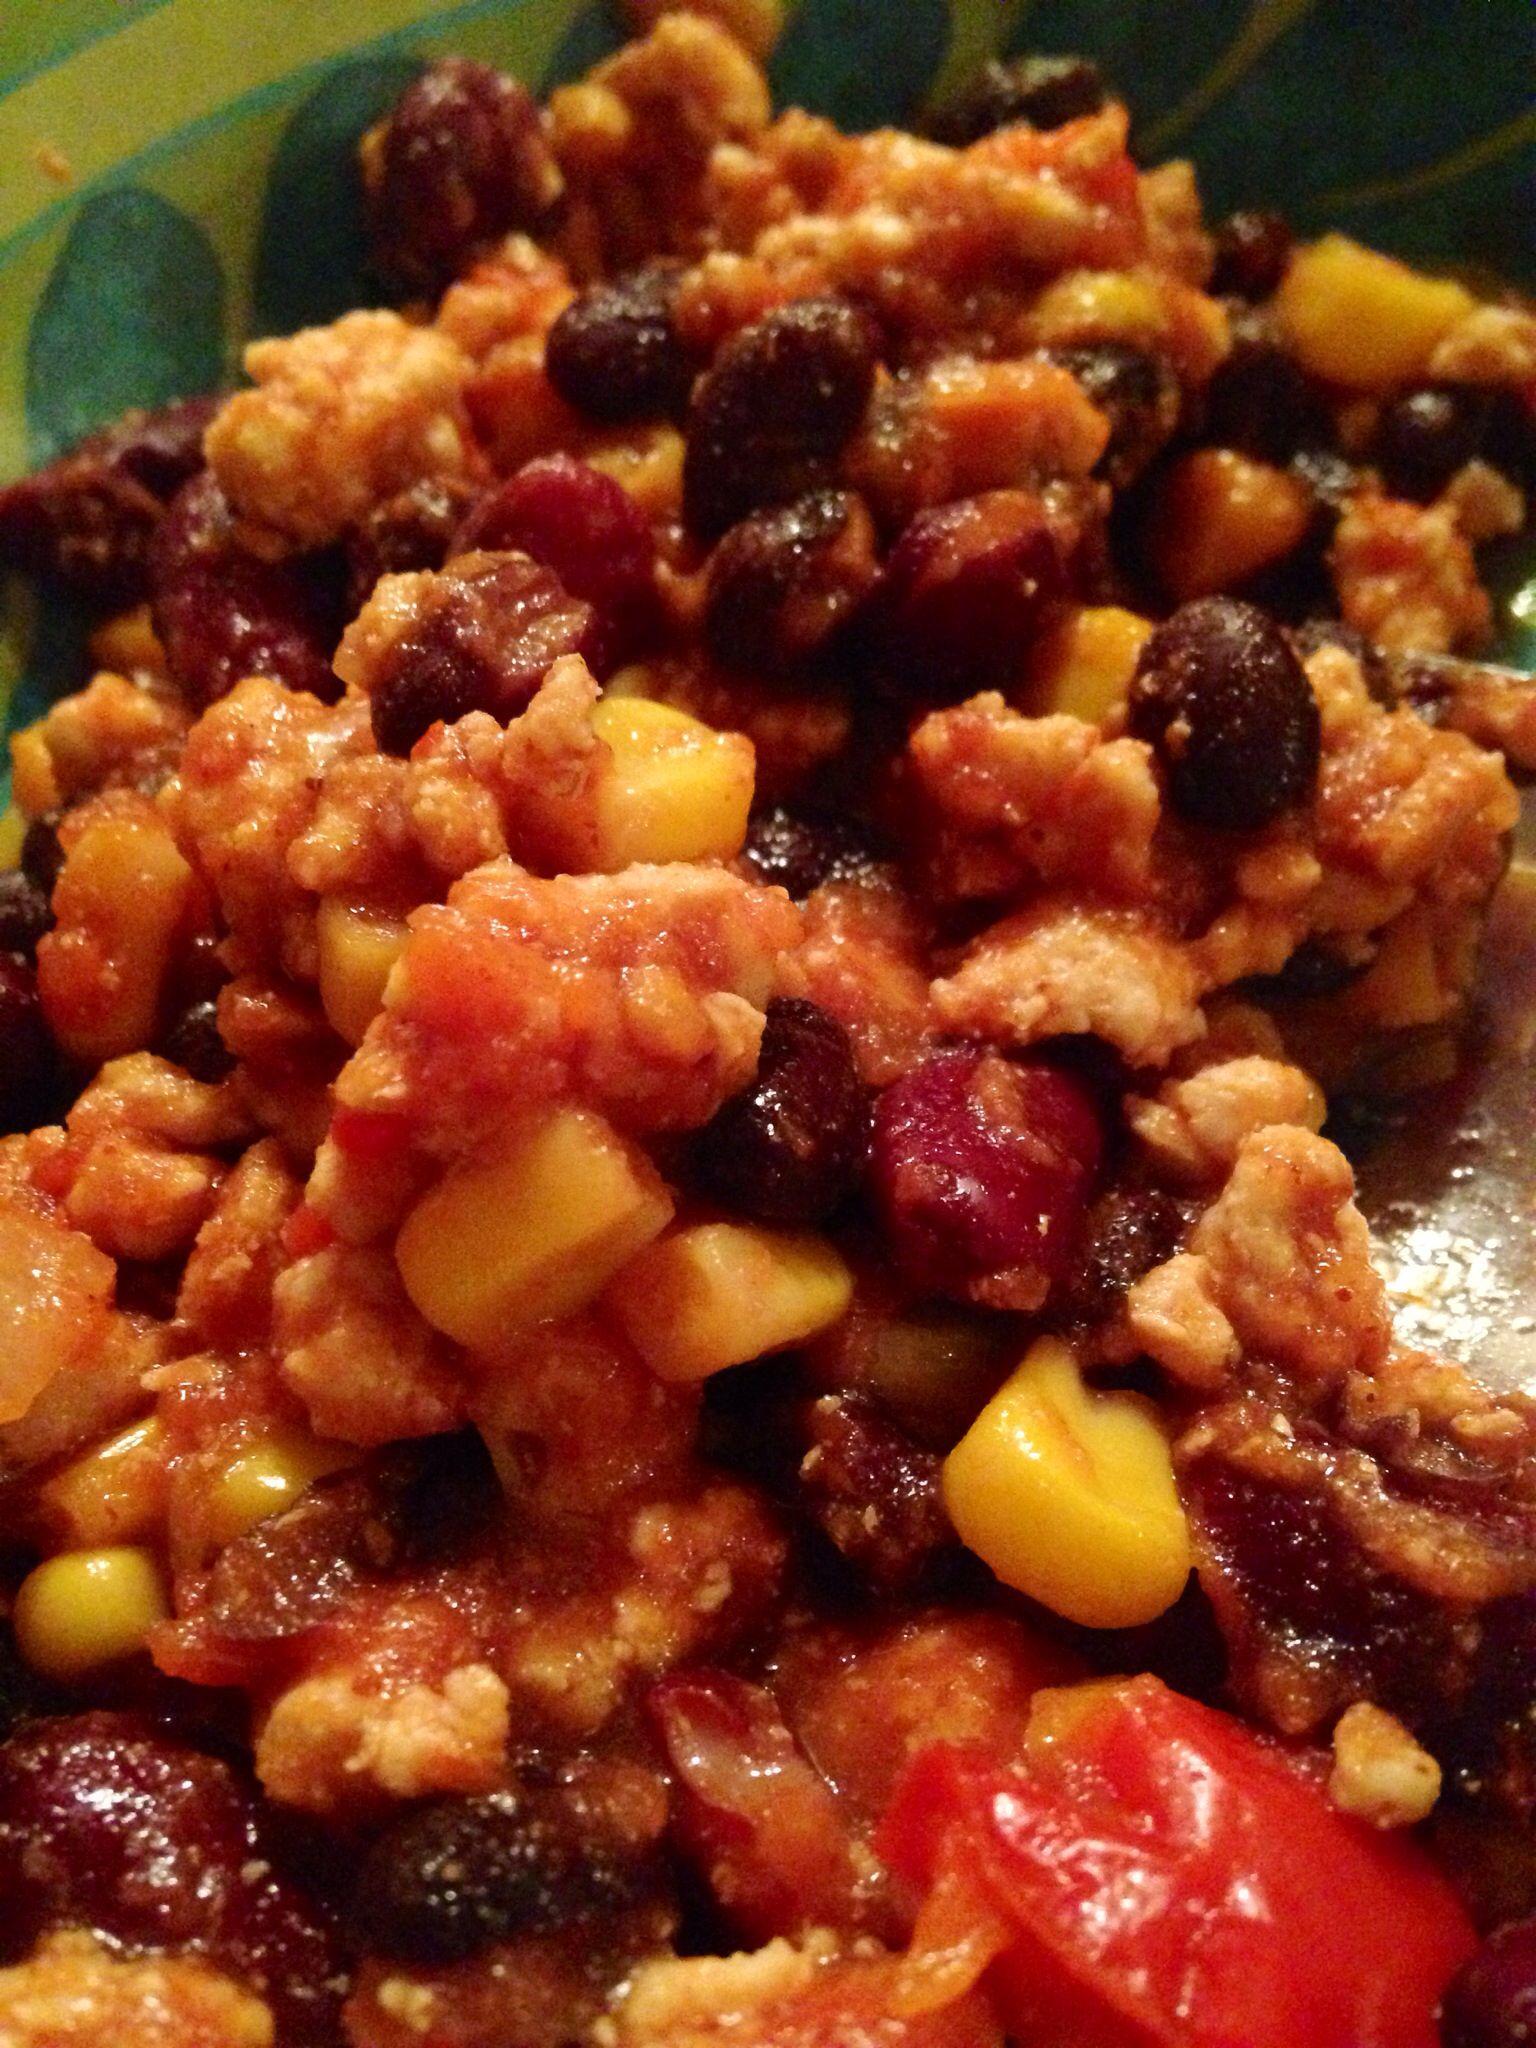 Super Easy Crockpot Non Spicy Chili 1lb Ground Turkey 1